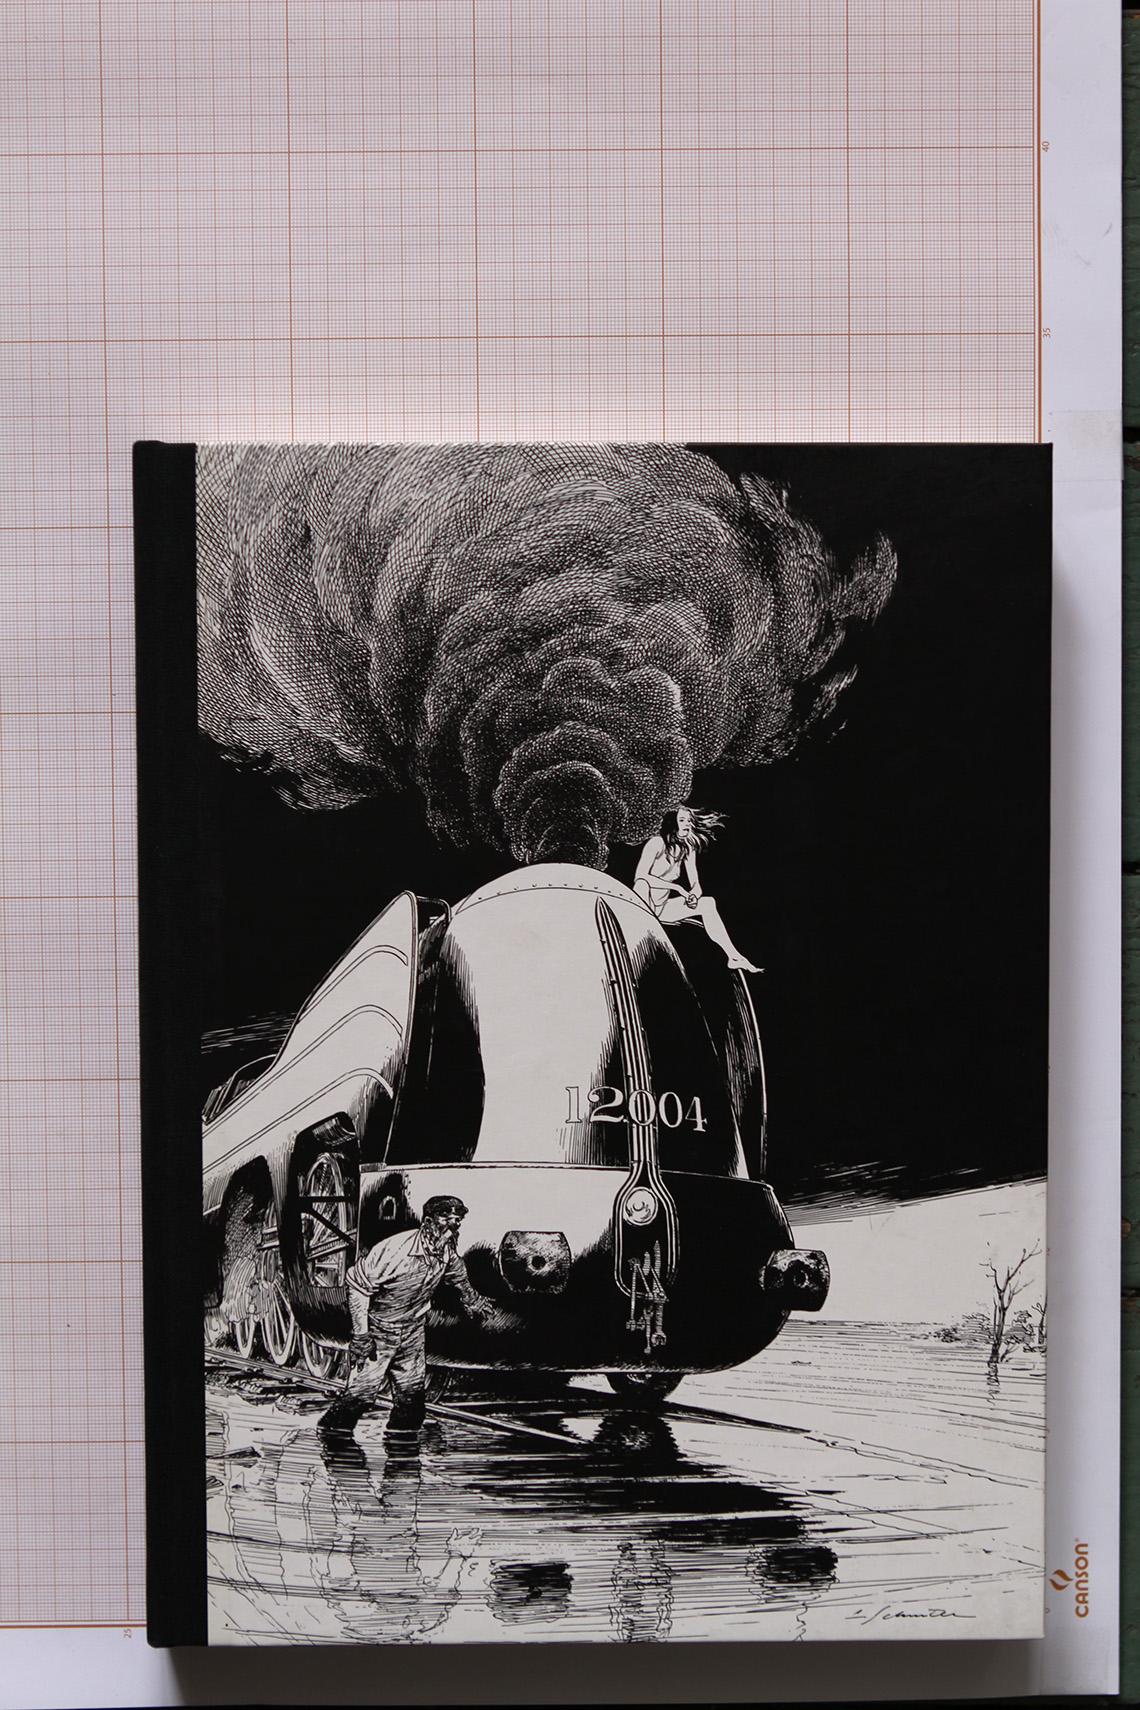 La Douce, F.Schuiten - Bruno Graff© Maison Autrique, 2012